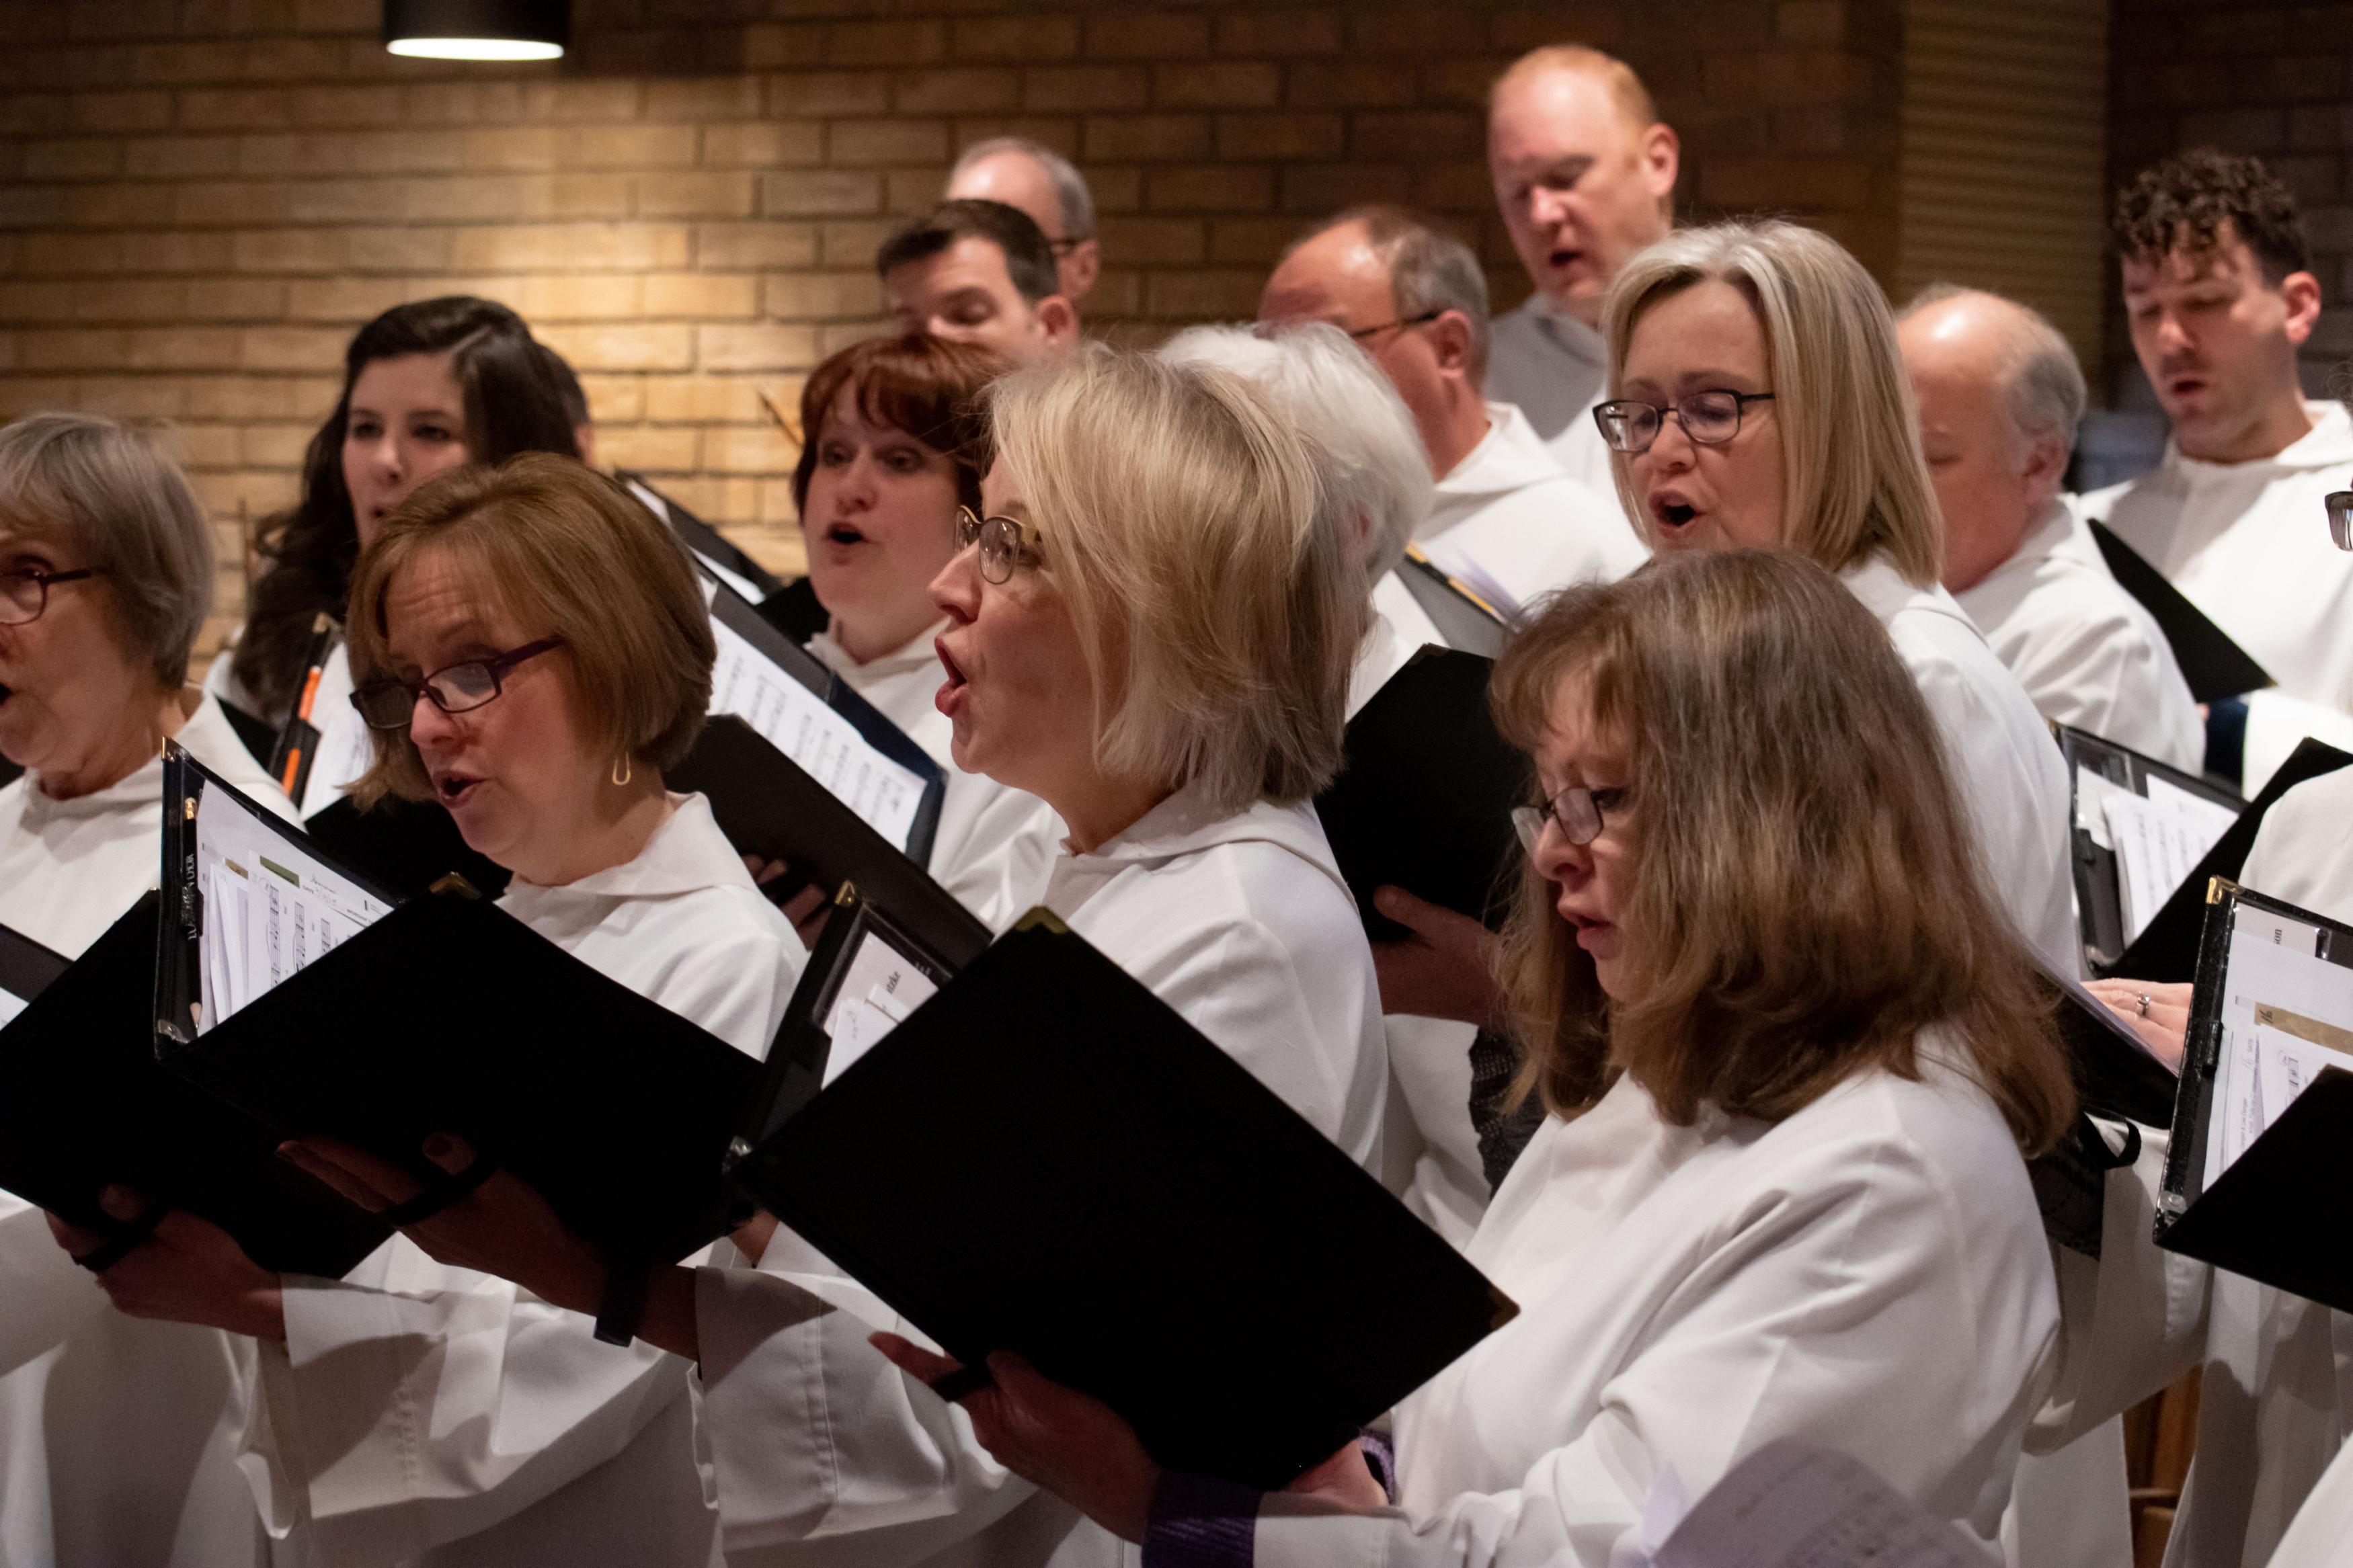 Choir sings in traditional worship